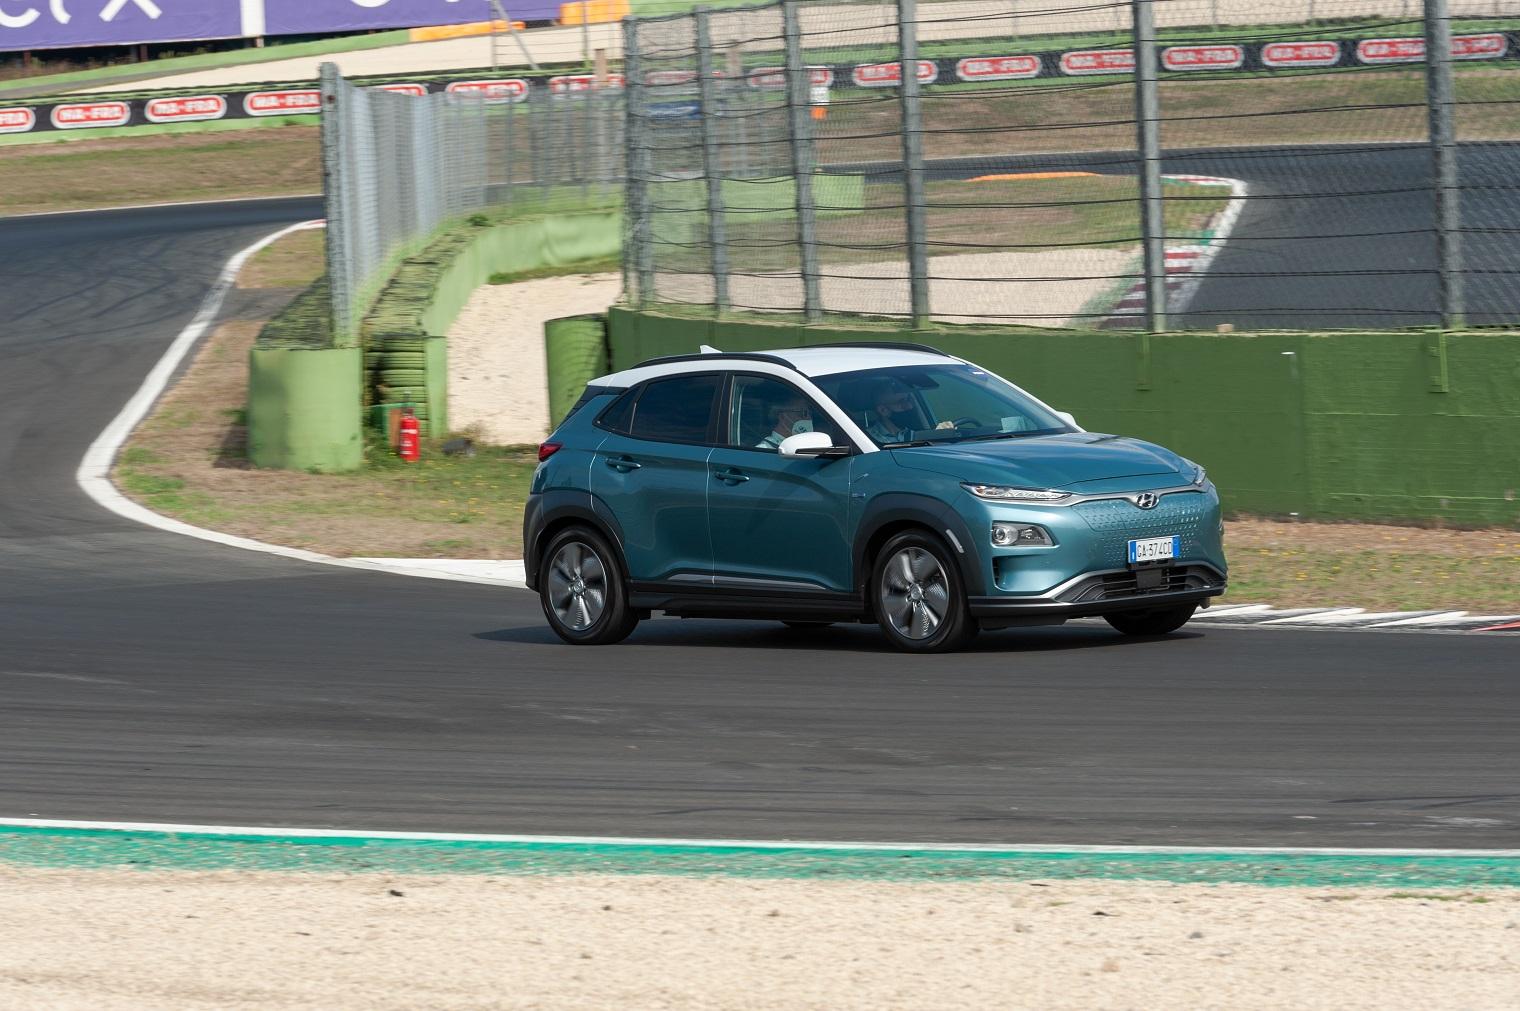 nuova Hyundai Kona elettrica Fleet Motor Day 2020